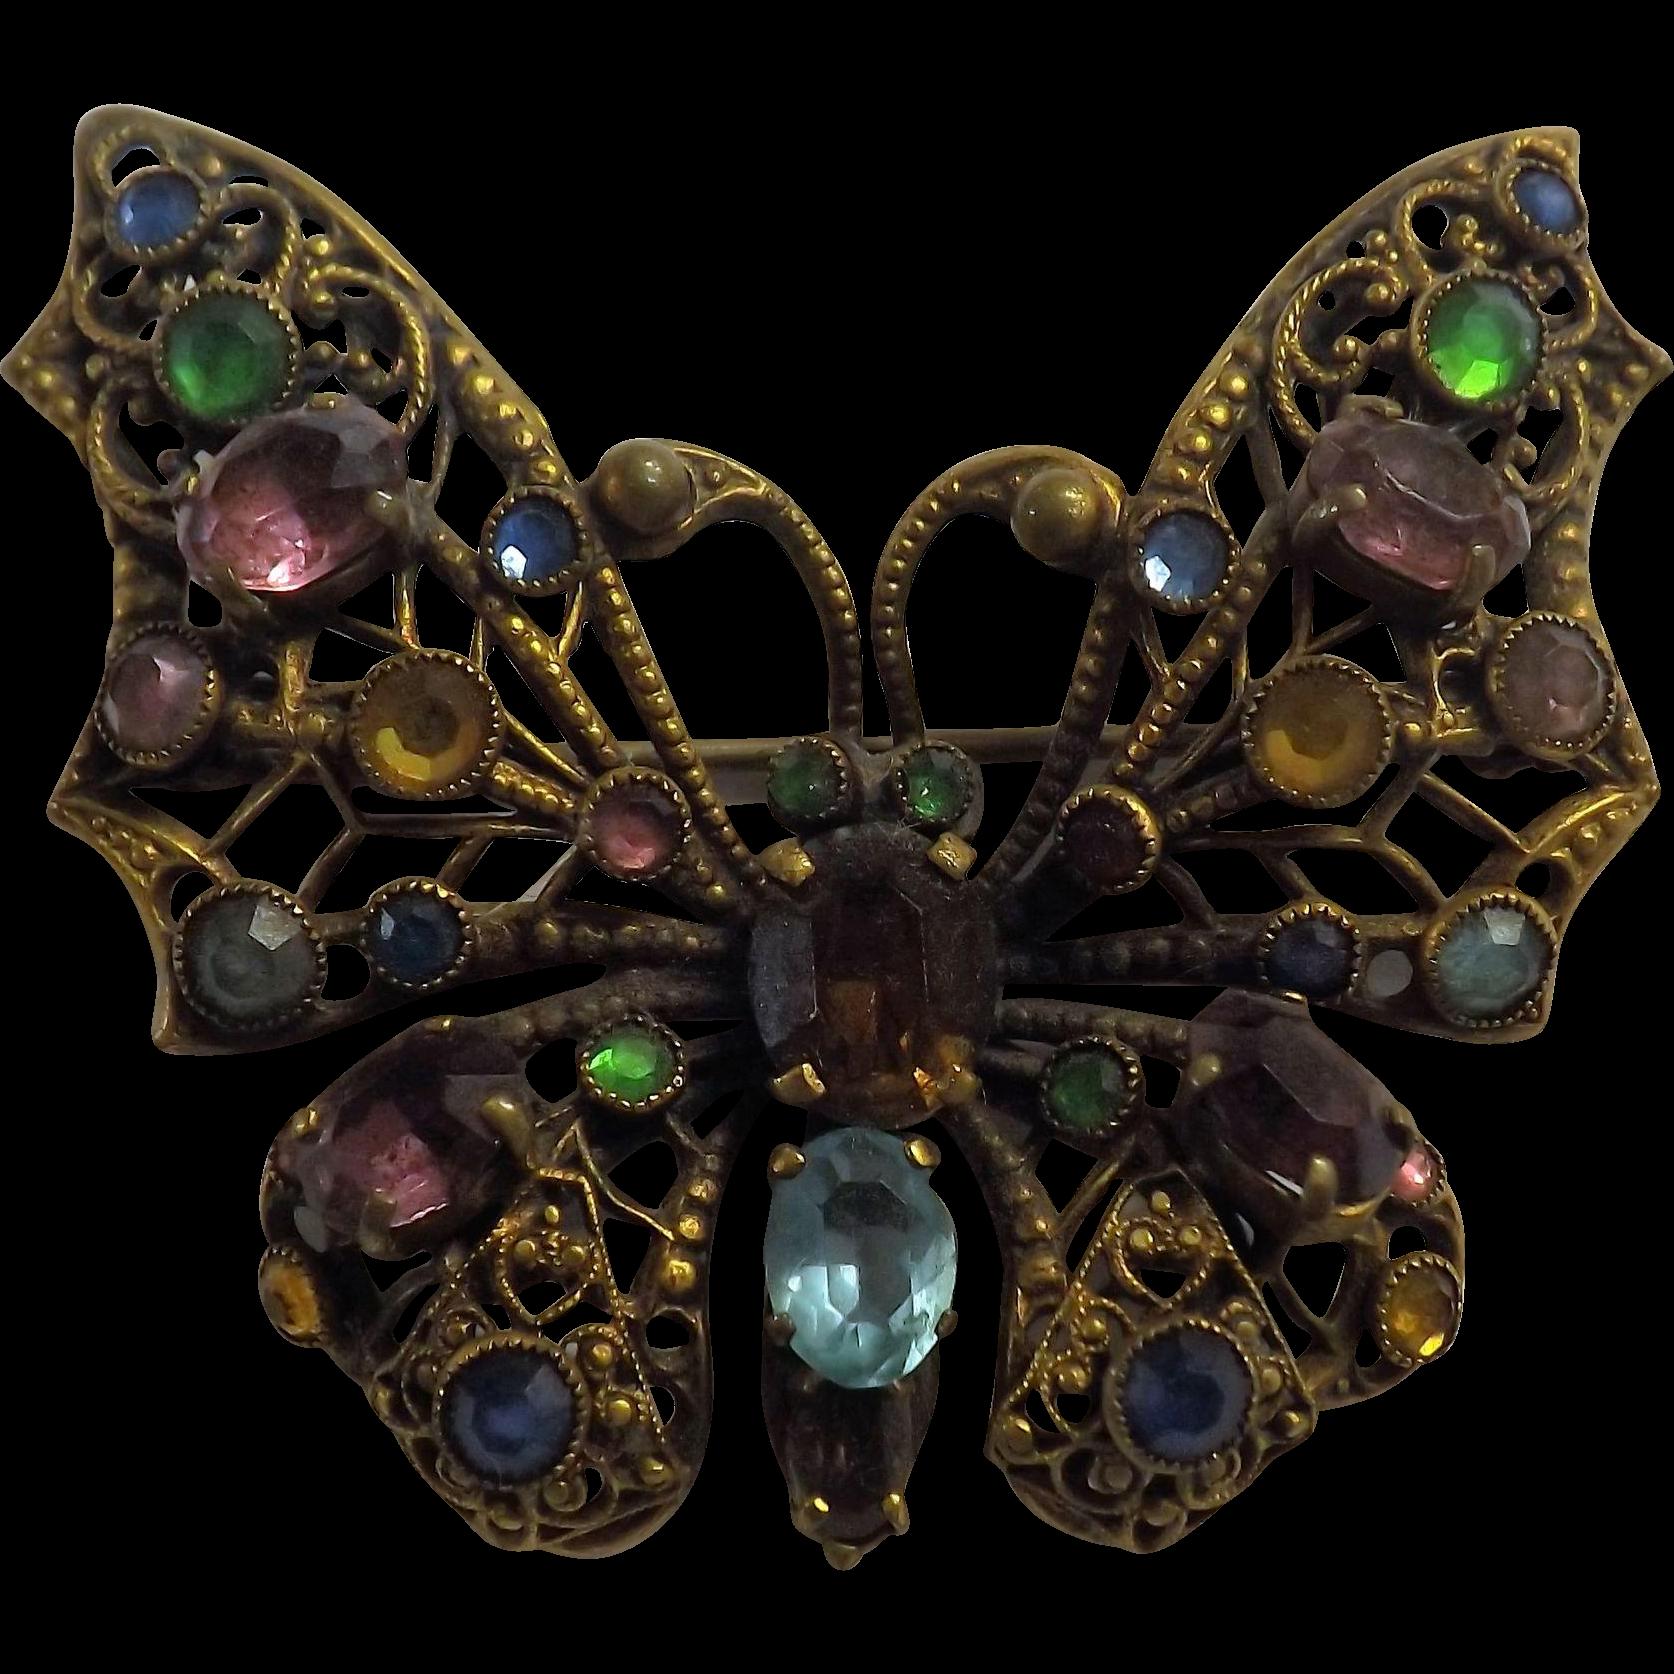 Czechoslovakian 1930's Butterfly Brooch - Art Deco Period